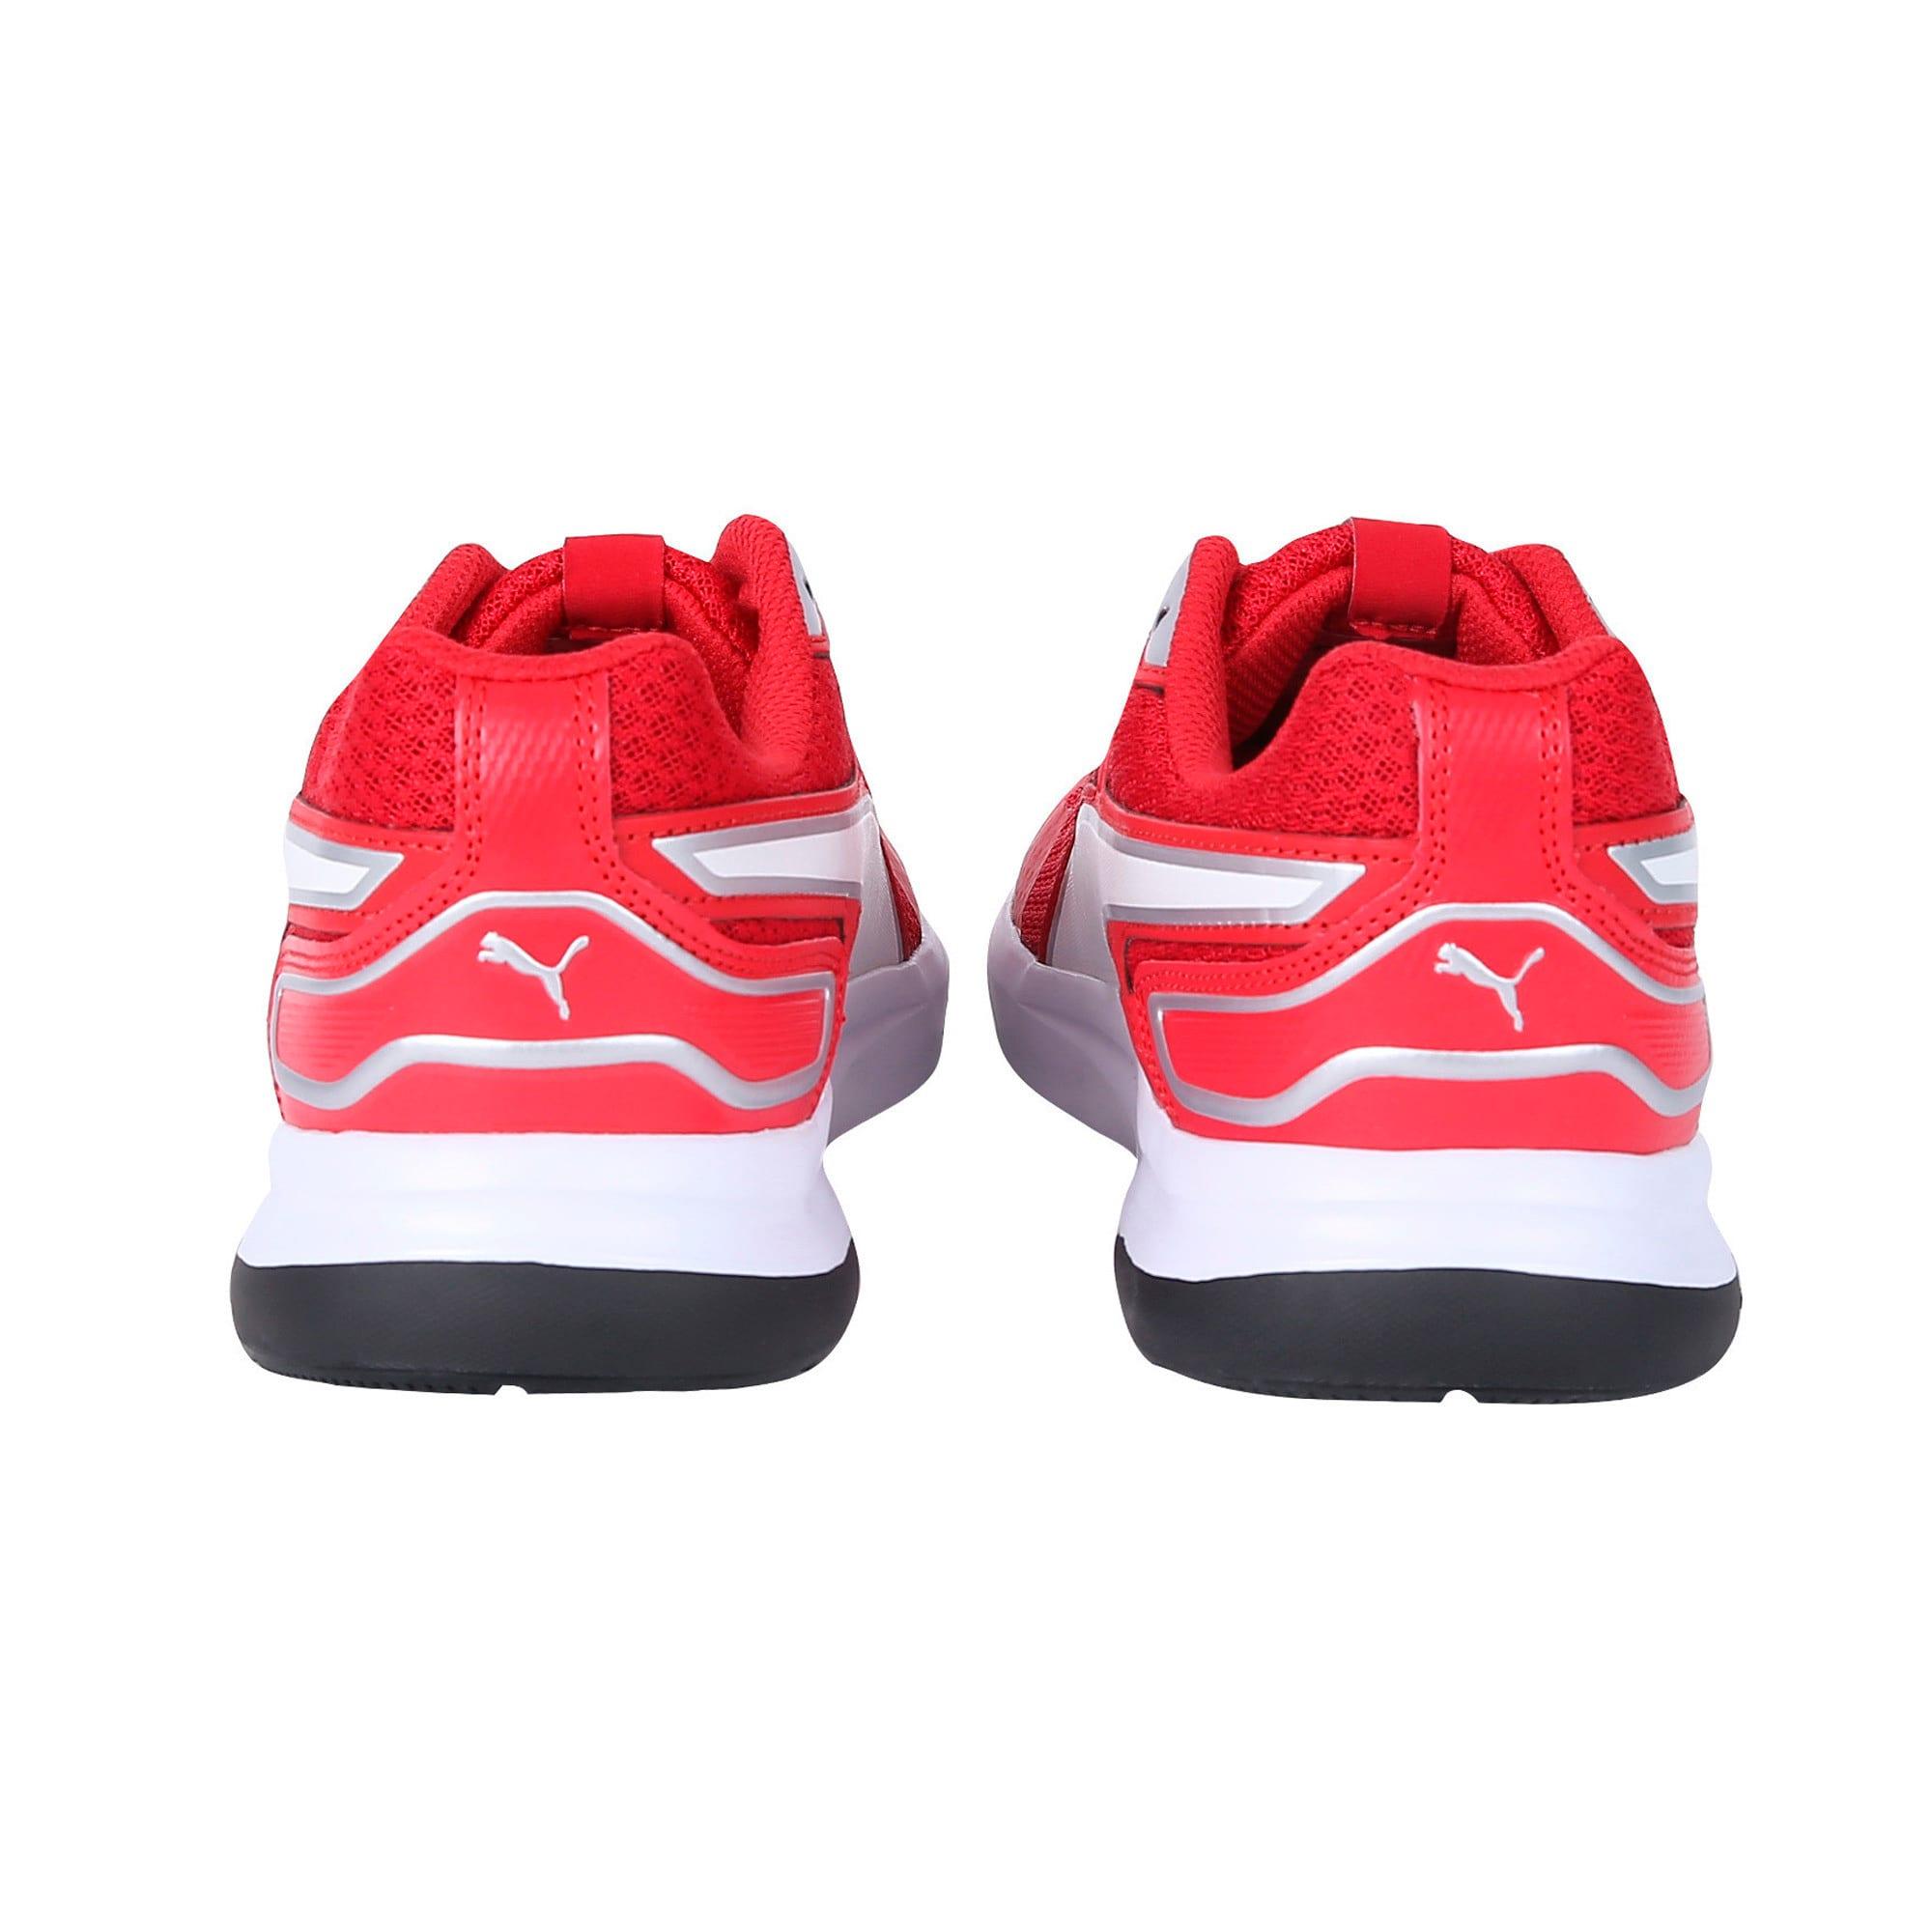 Thumbnail 3 of Escaper Tech Sneakers, Ribbon Red-Puma Wh-Puma Blk, medium-IND